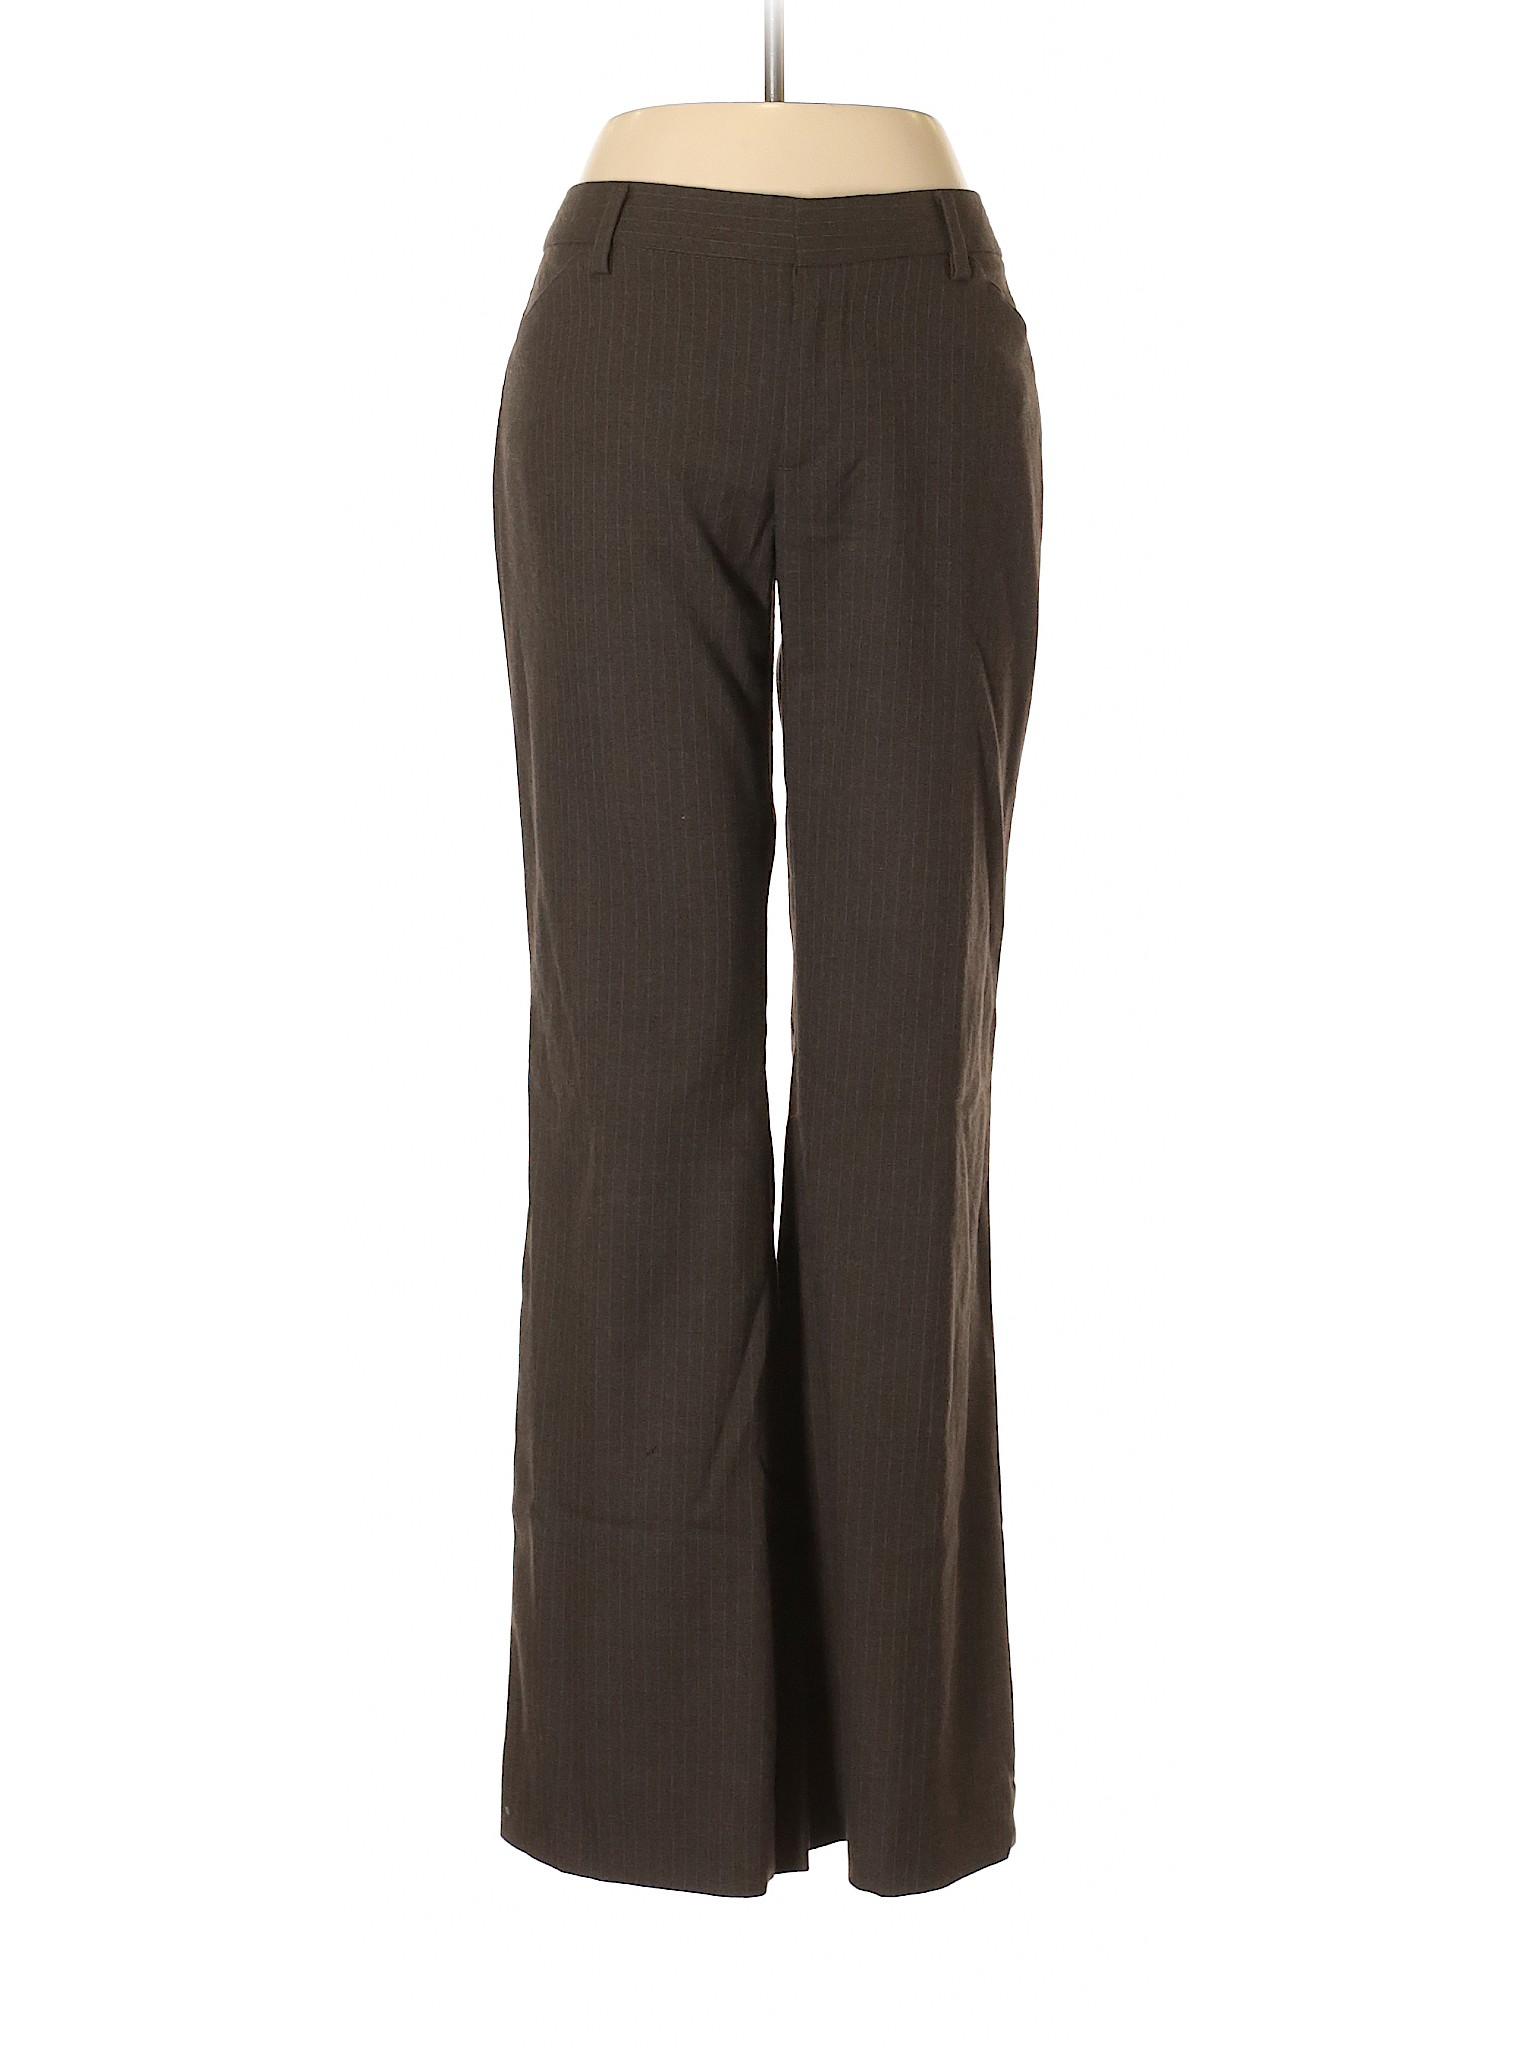 winter Dress Pants Boutique Boutique Gap winter Gap xqpw1FT70n